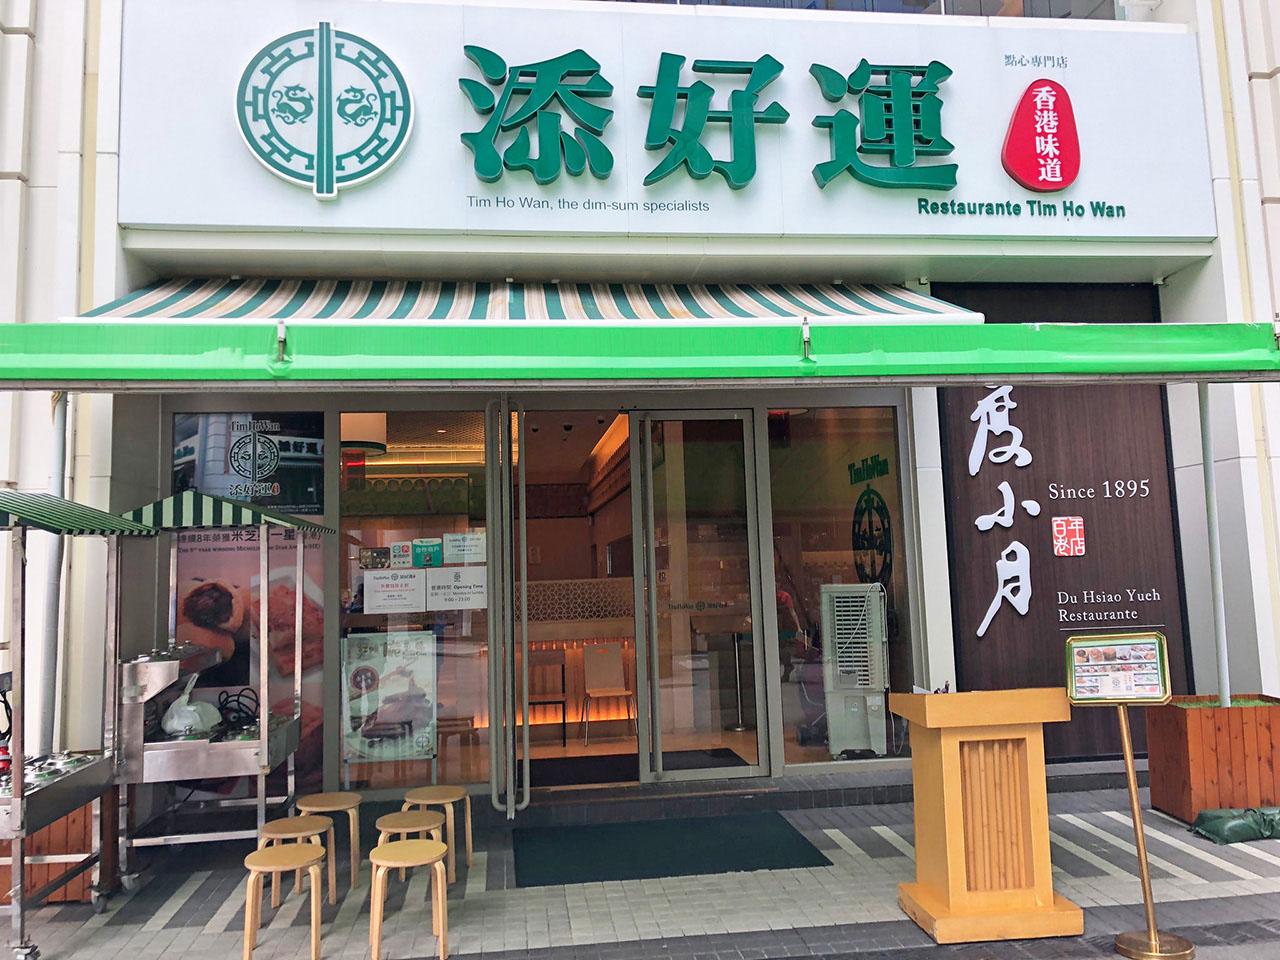 お昼は香港料理ティム・ホー・ワン で美味しい中華を食す。